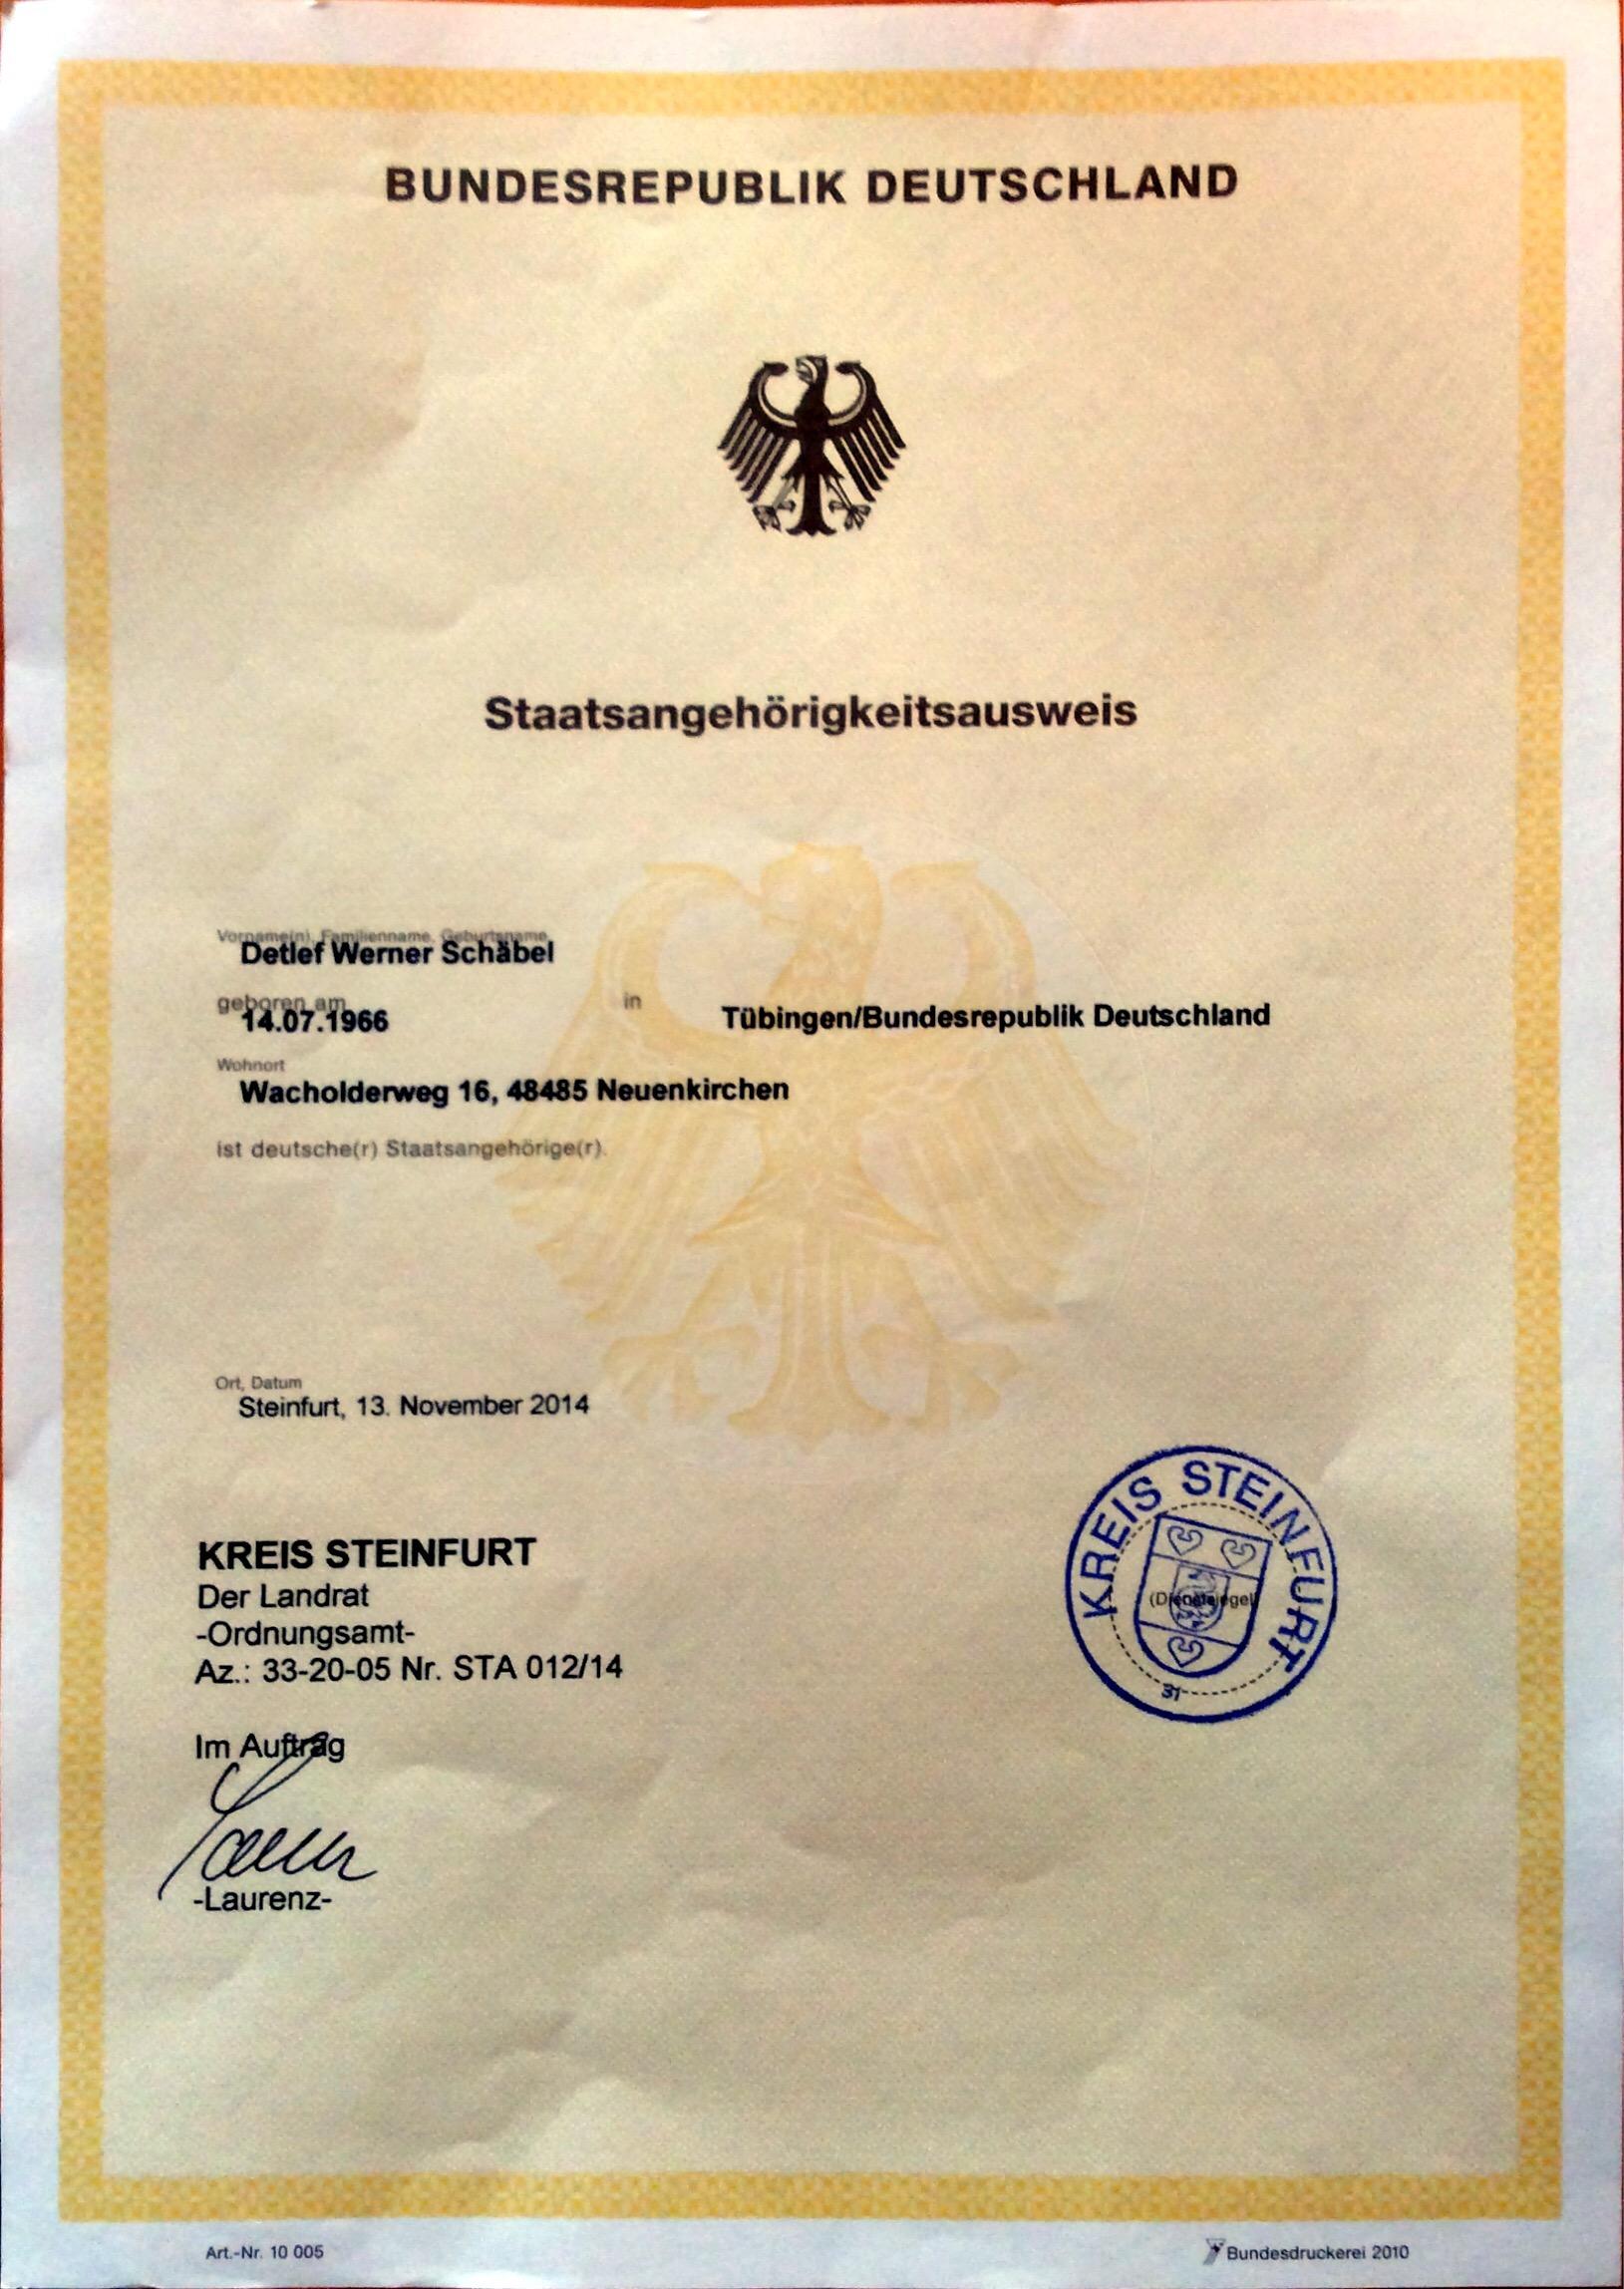 Staatsangehörigkeitsausweis eingetrudelt (gelber Schein) - Schäbels ...